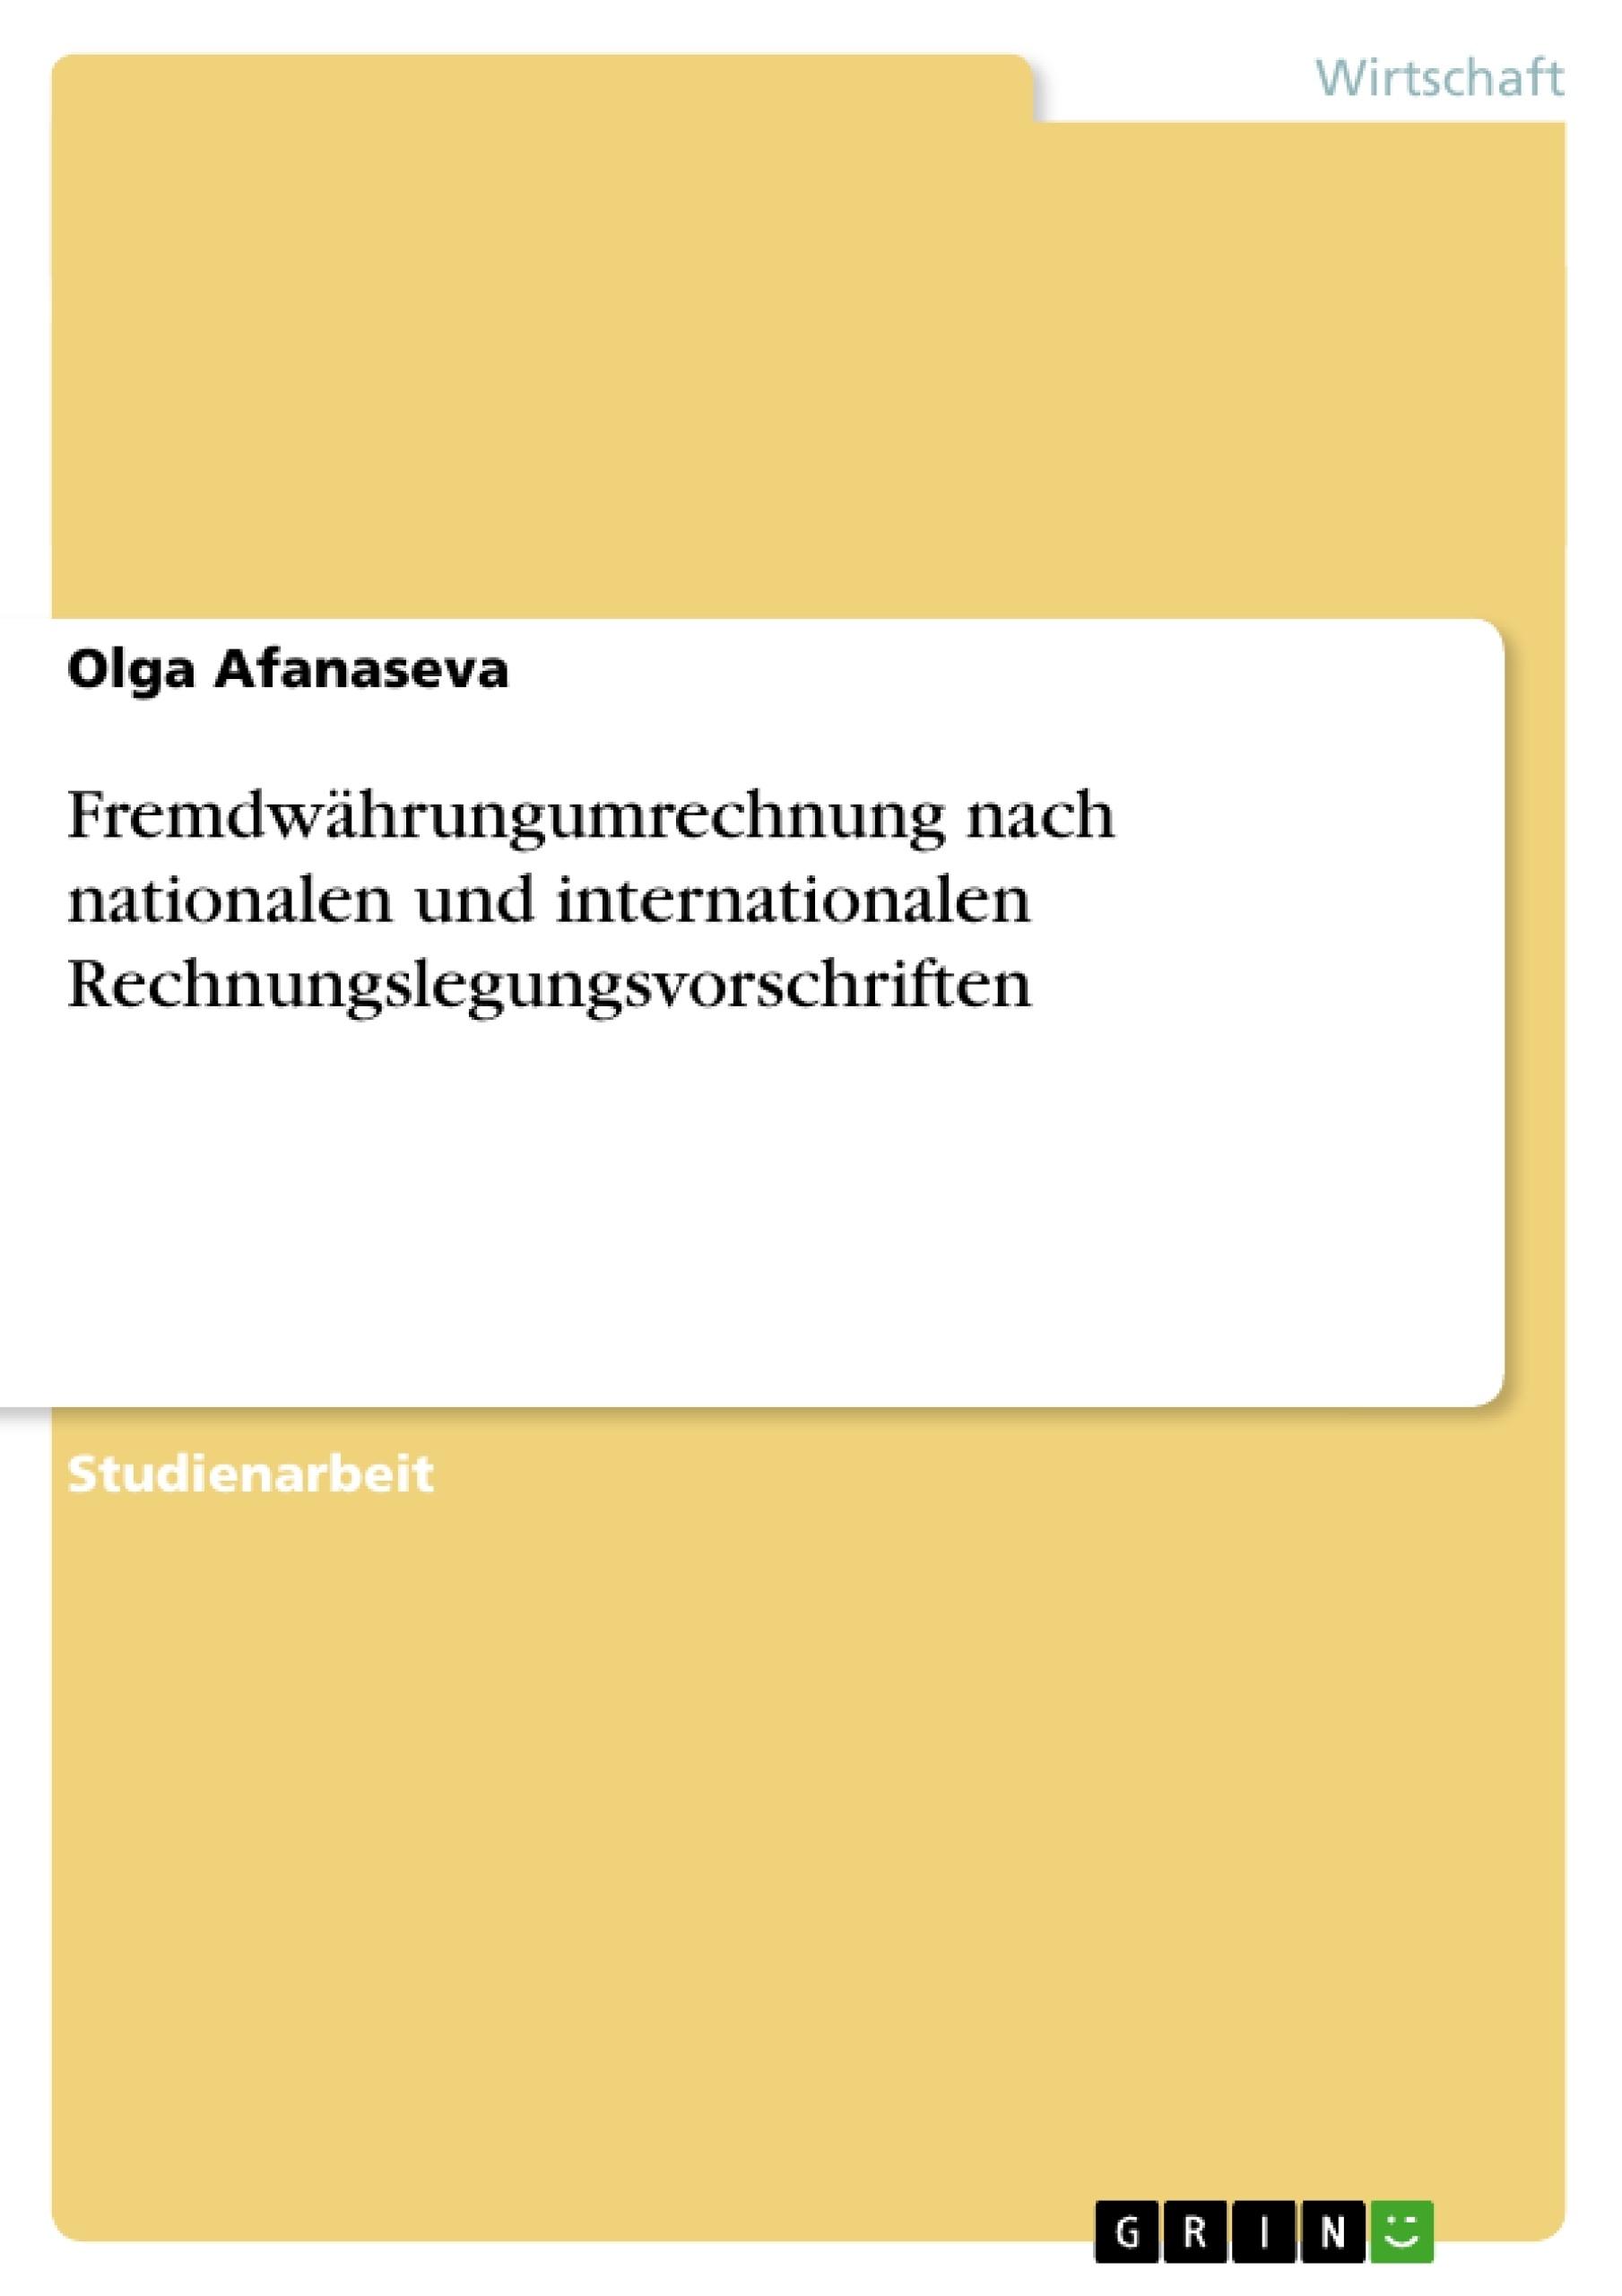 Titel: Fremdwährungumrechnung nach nationalen und internationalen Rechnungslegungsvorschriften